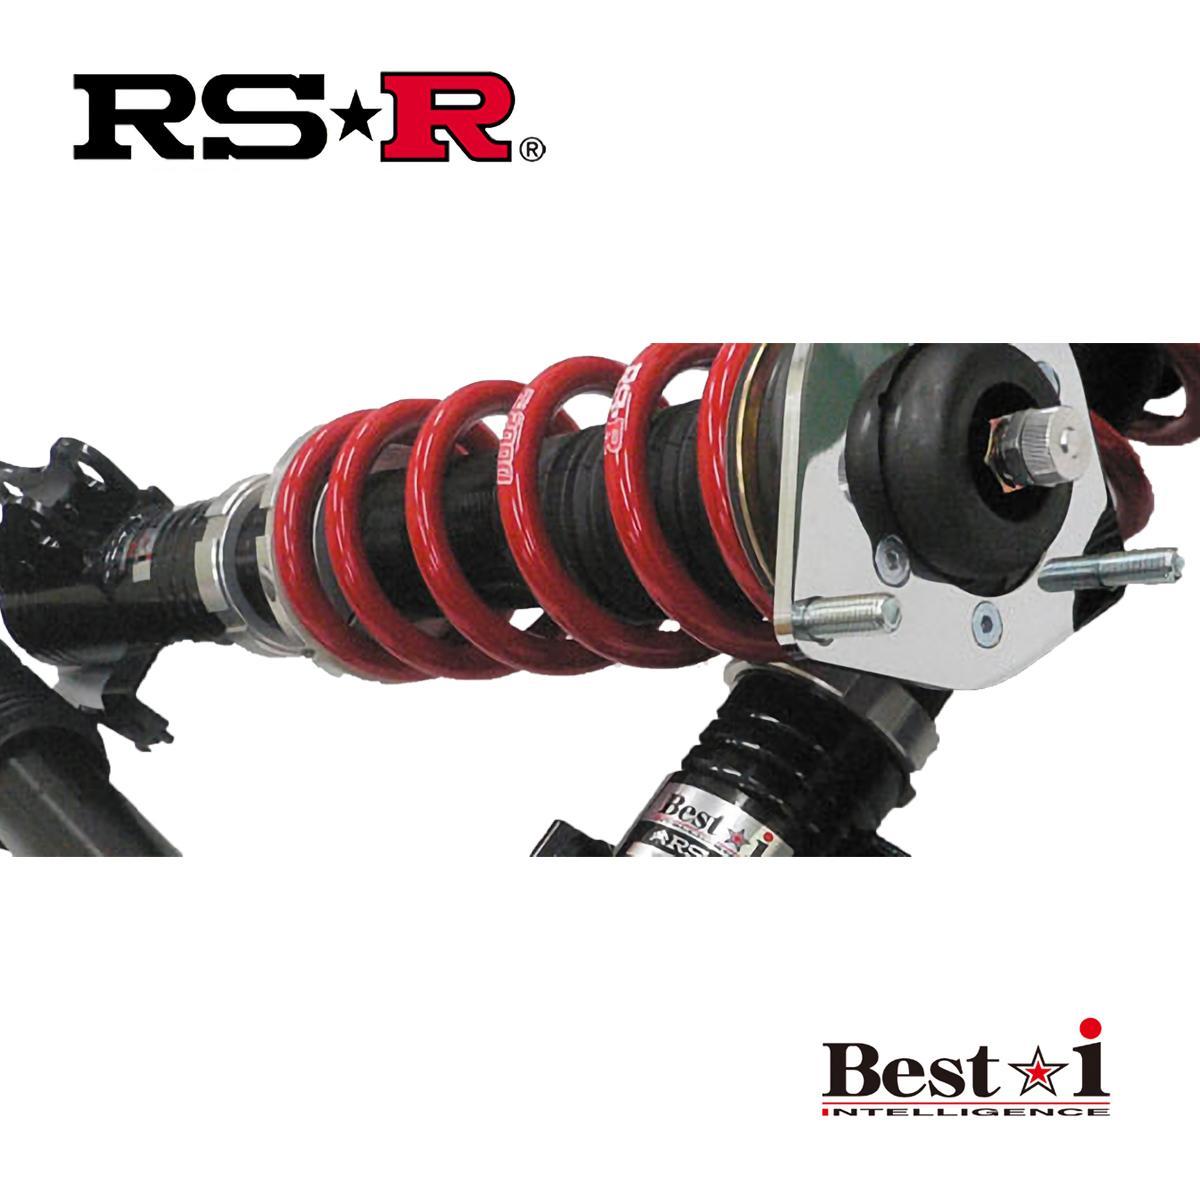 RS-R C-HR G ZYX10 車高調 リア車高調整:ネジ式/ハードバネレート仕様 BIT385H ベストi RSR 個人宅発送追金有